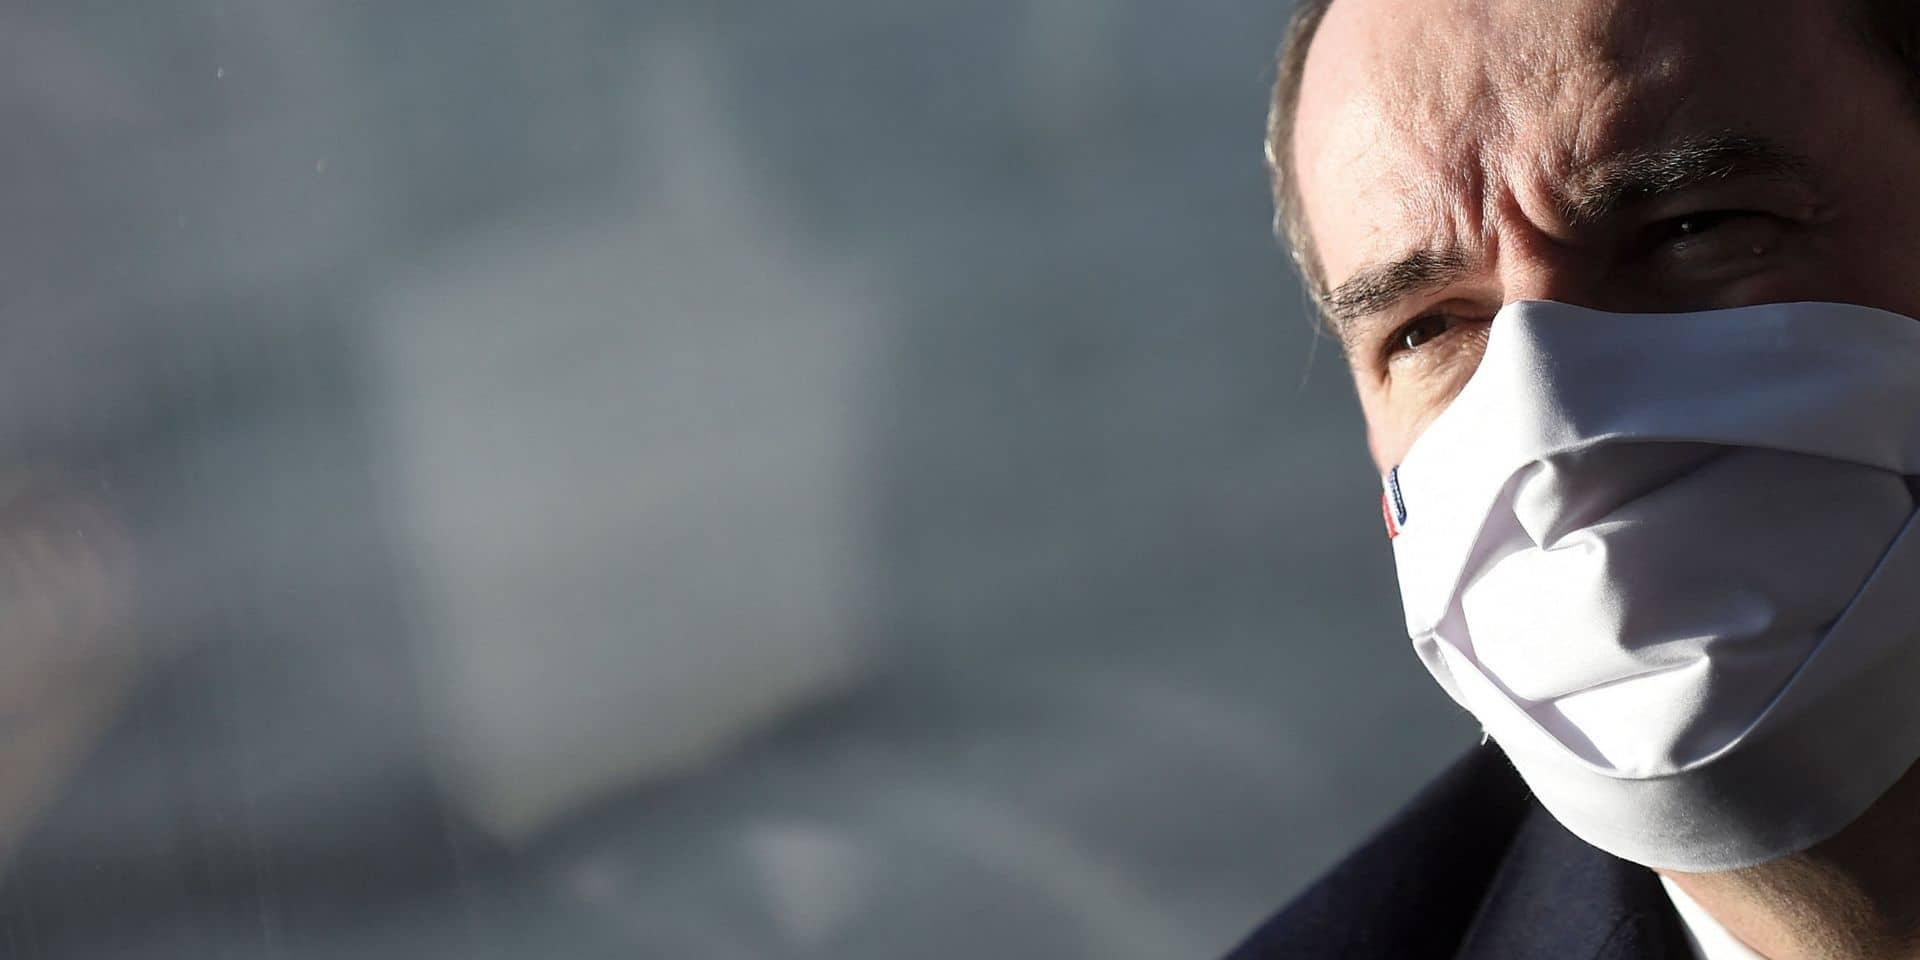 Renforcement des contrôles en France: Castex demande de serrer la vis